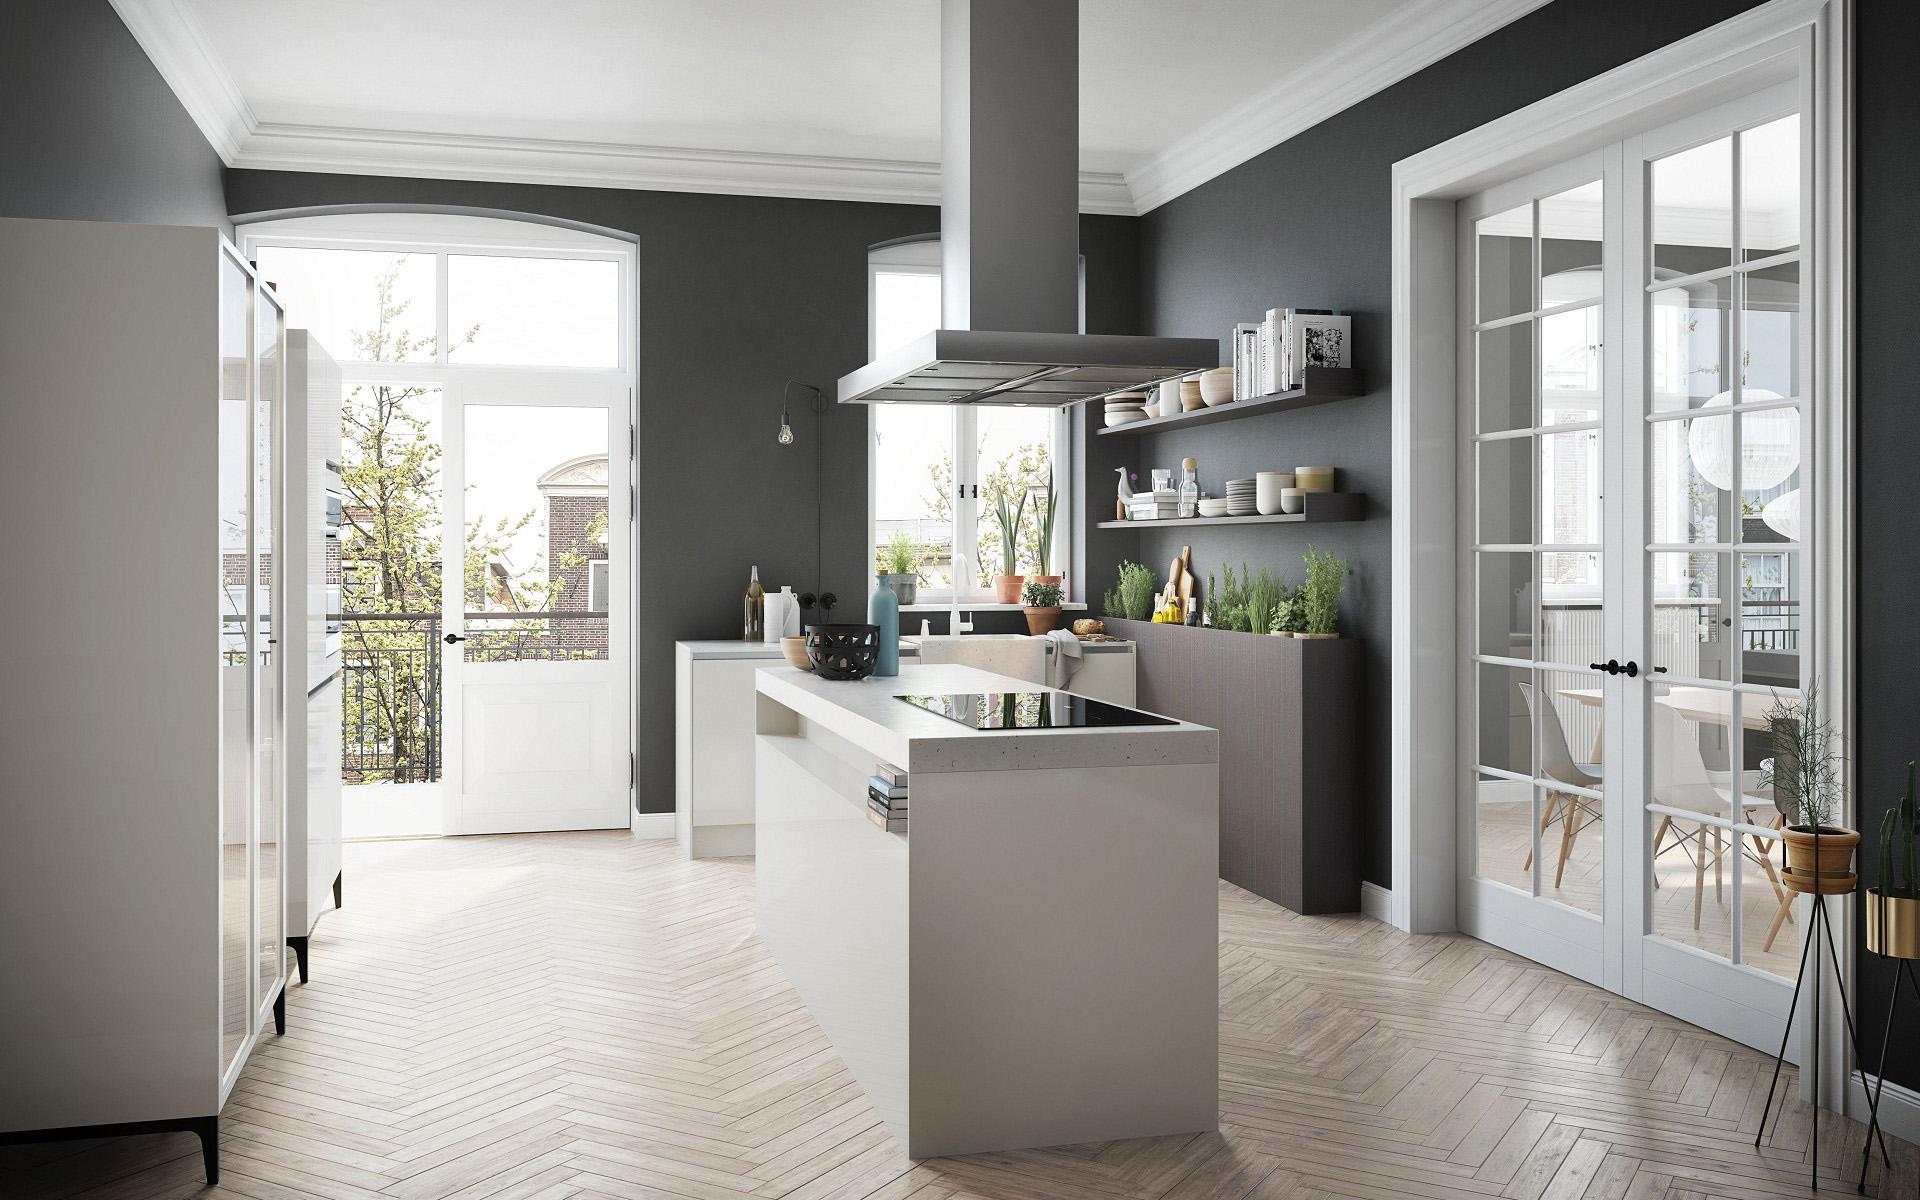 Witte keuken met kookeiland Siematic Urban in historisch pand #keuken #keukeninspiratie #wittekeuken #siematic #kookeiland #droomkeuken